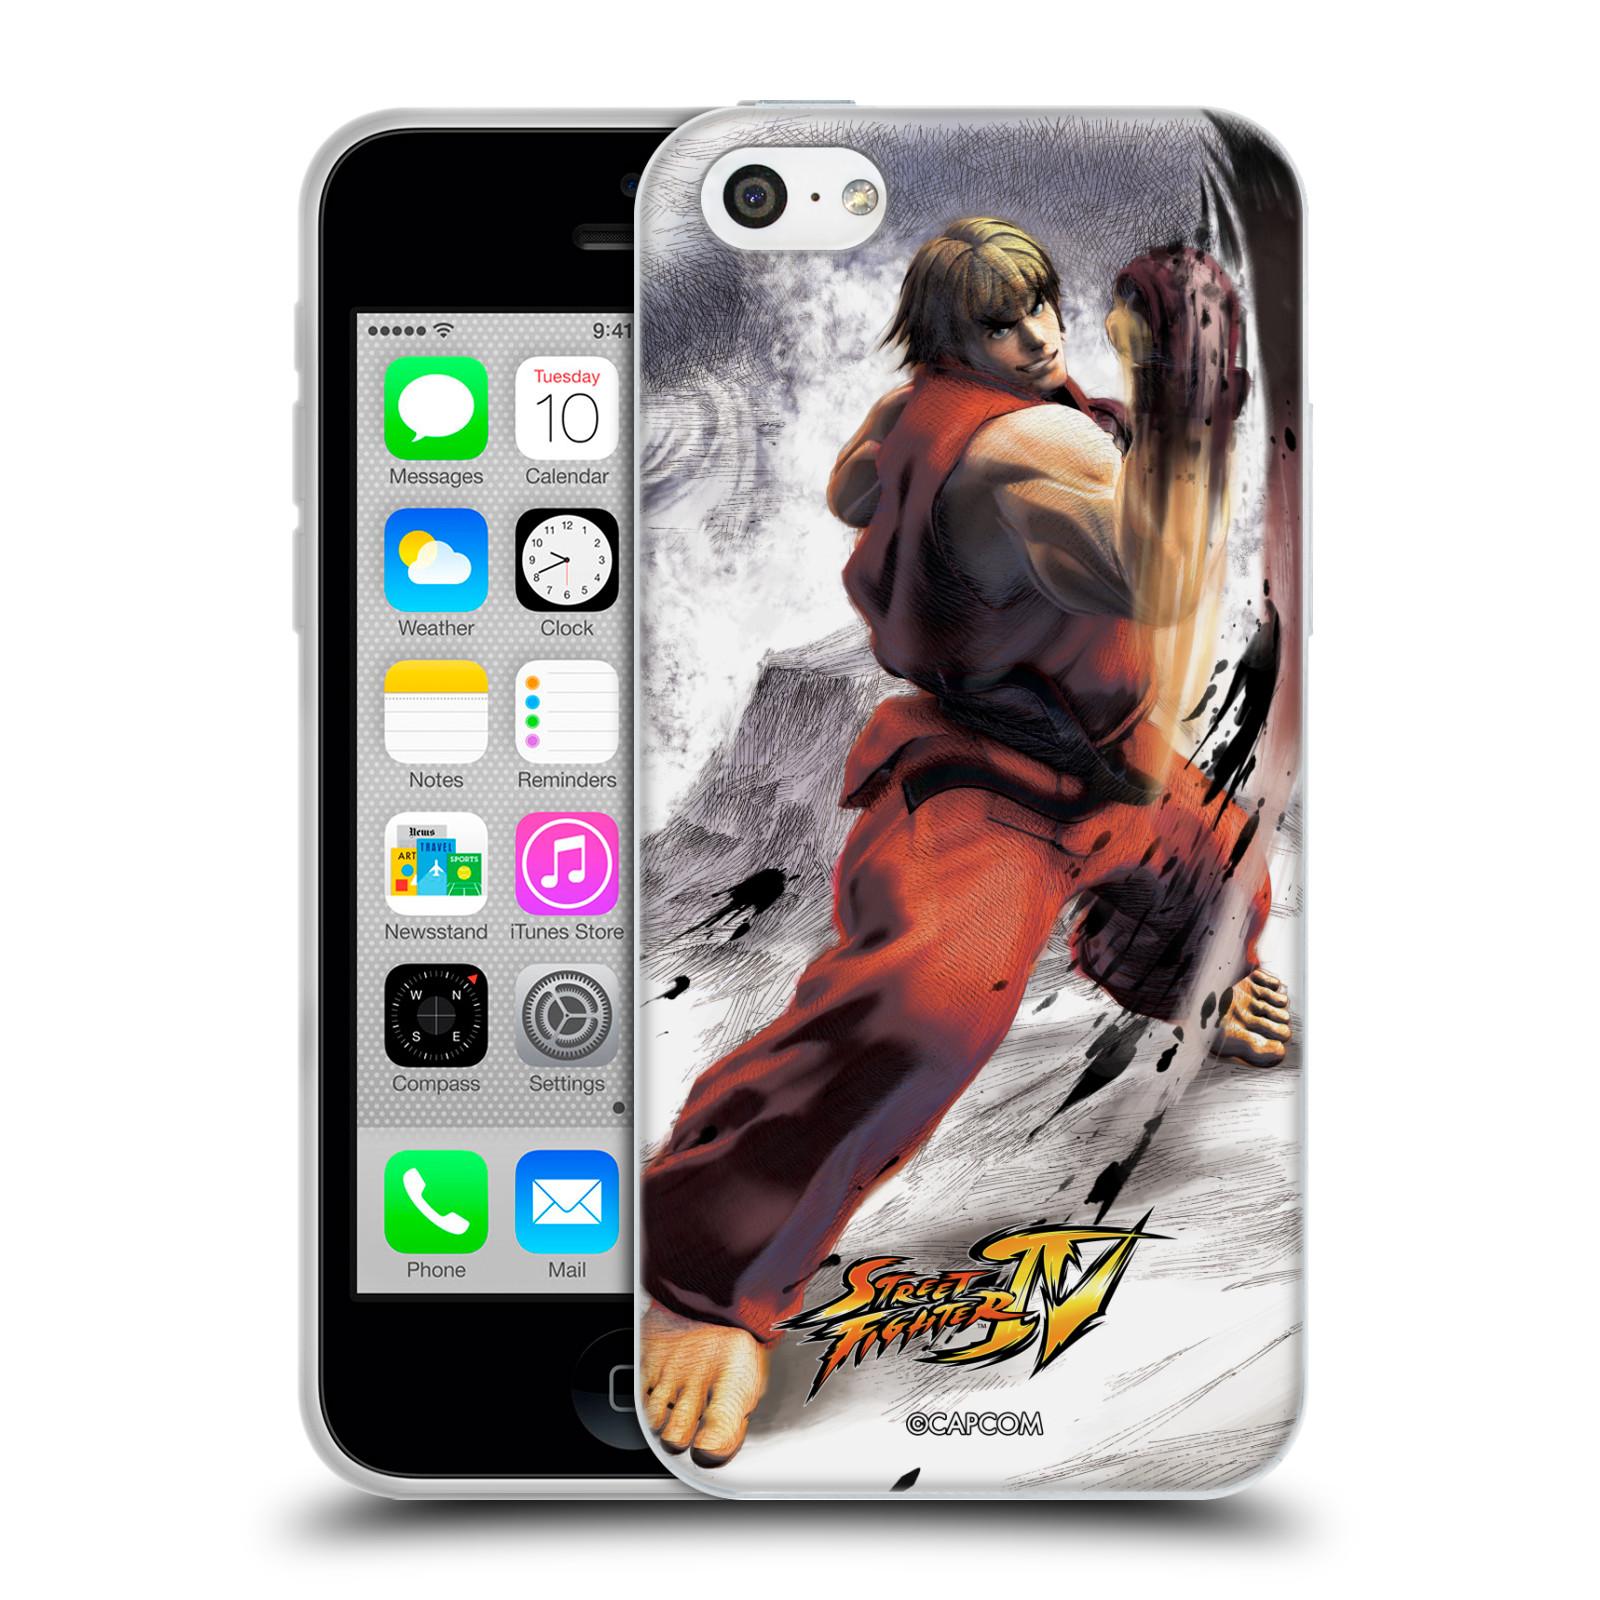 HEAD CASE silikonový obal na mobil Apple Iphone 5C oficiální kryt STREET FIGHTER bojovník Ken kresba